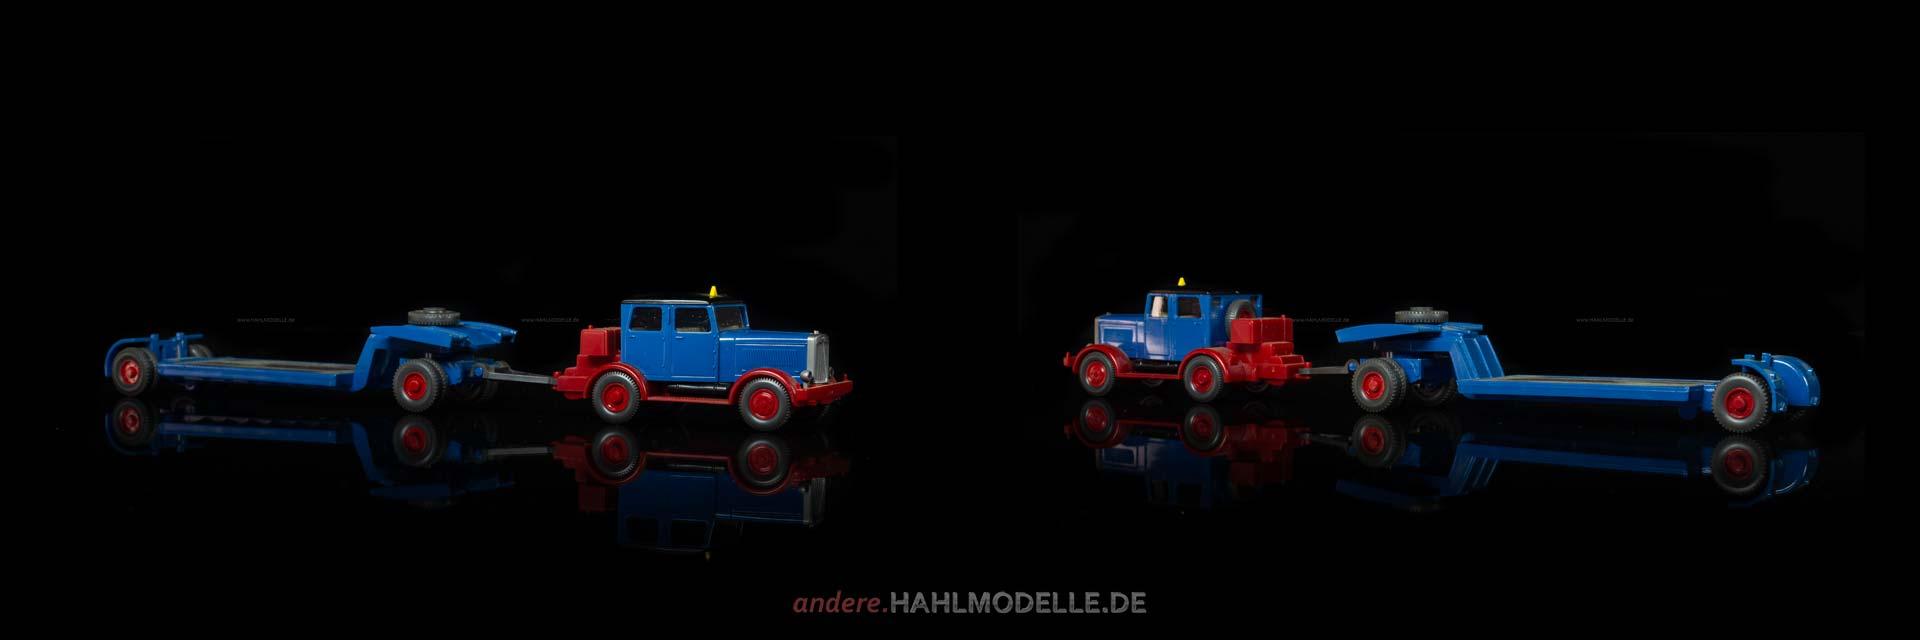 Hanomag ST 100 | Zugmaschine | Wiking | 1:87 | www.andere.hahlmodelle.de